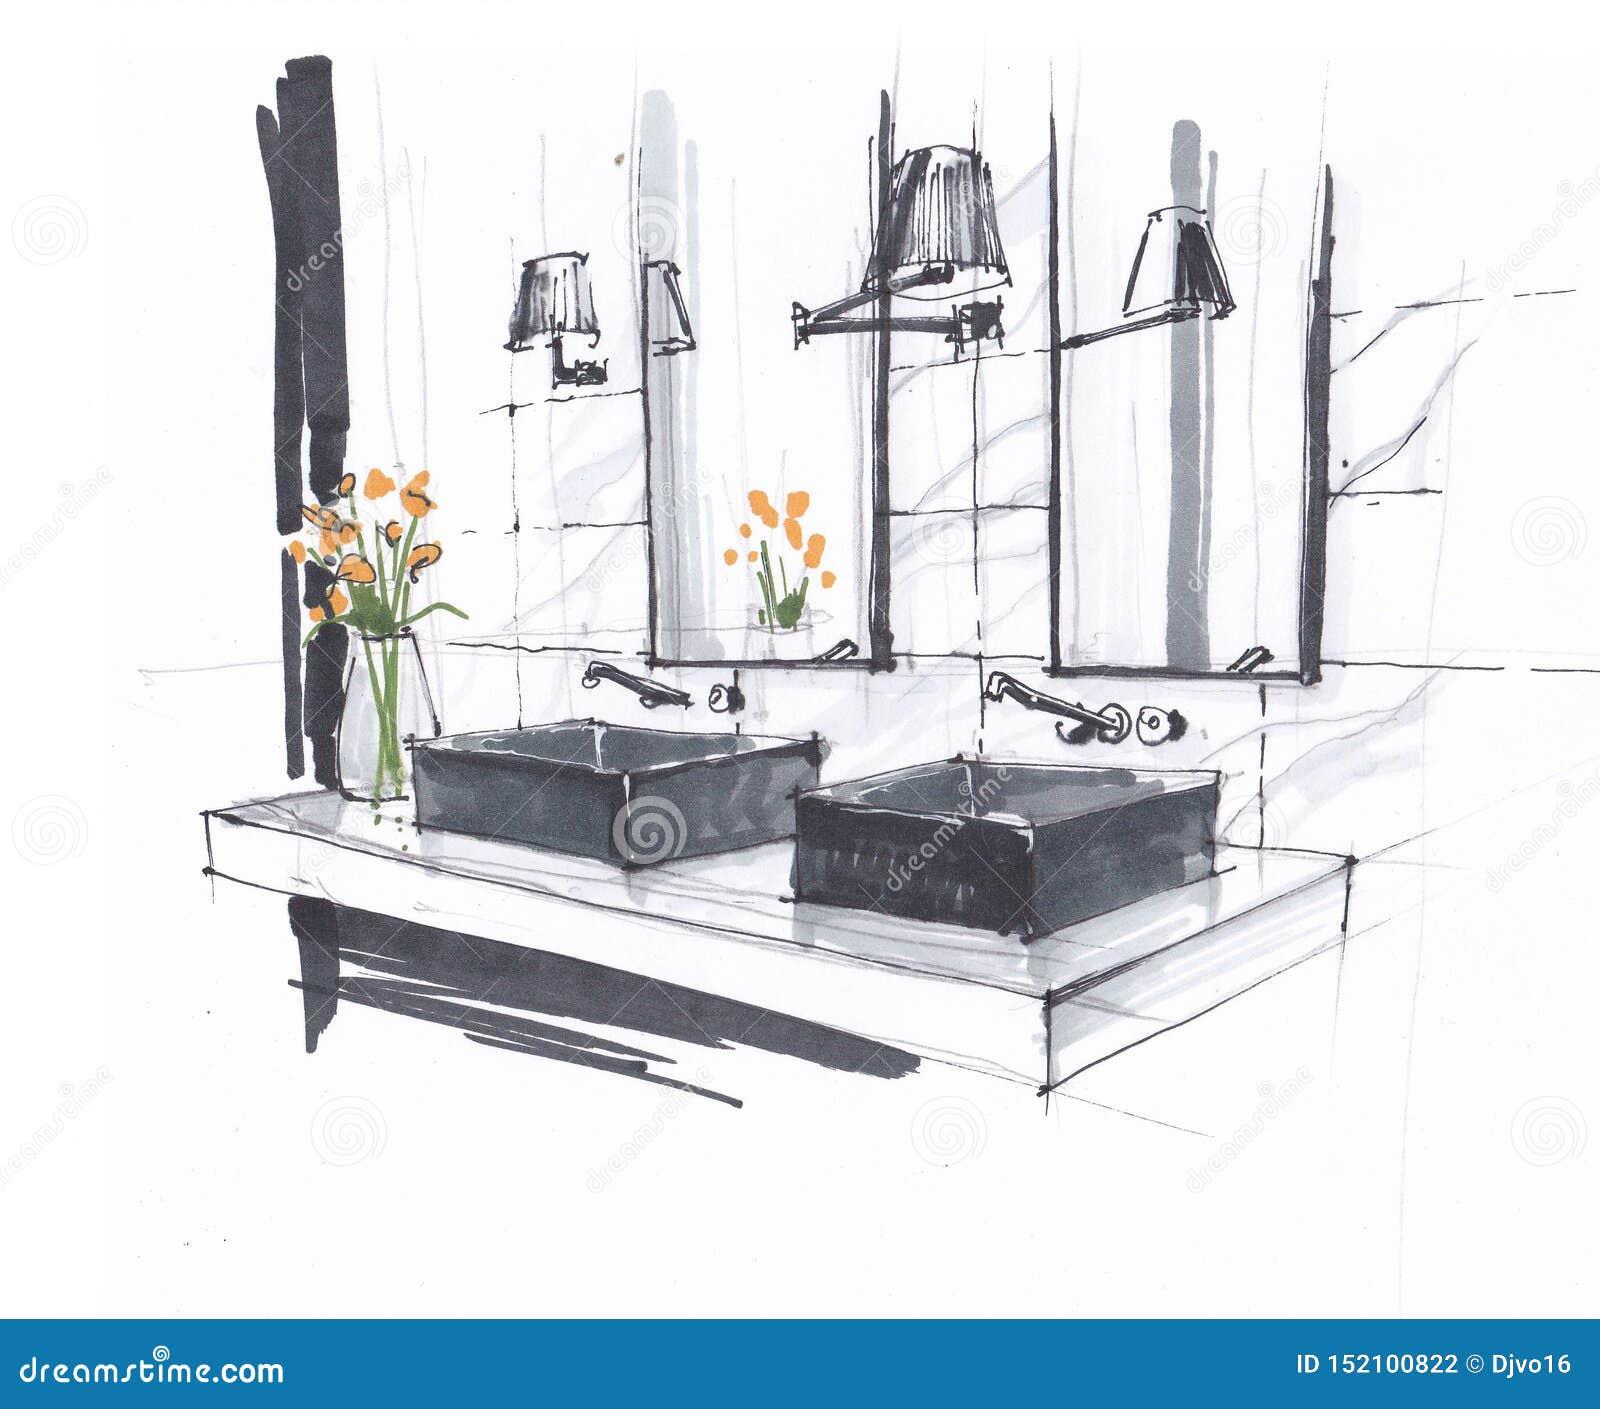 Croquis fait main d une salle de bains moderne de luxe, de deux éviers avec les robinets et le miroir, de lampes fixées au mur et